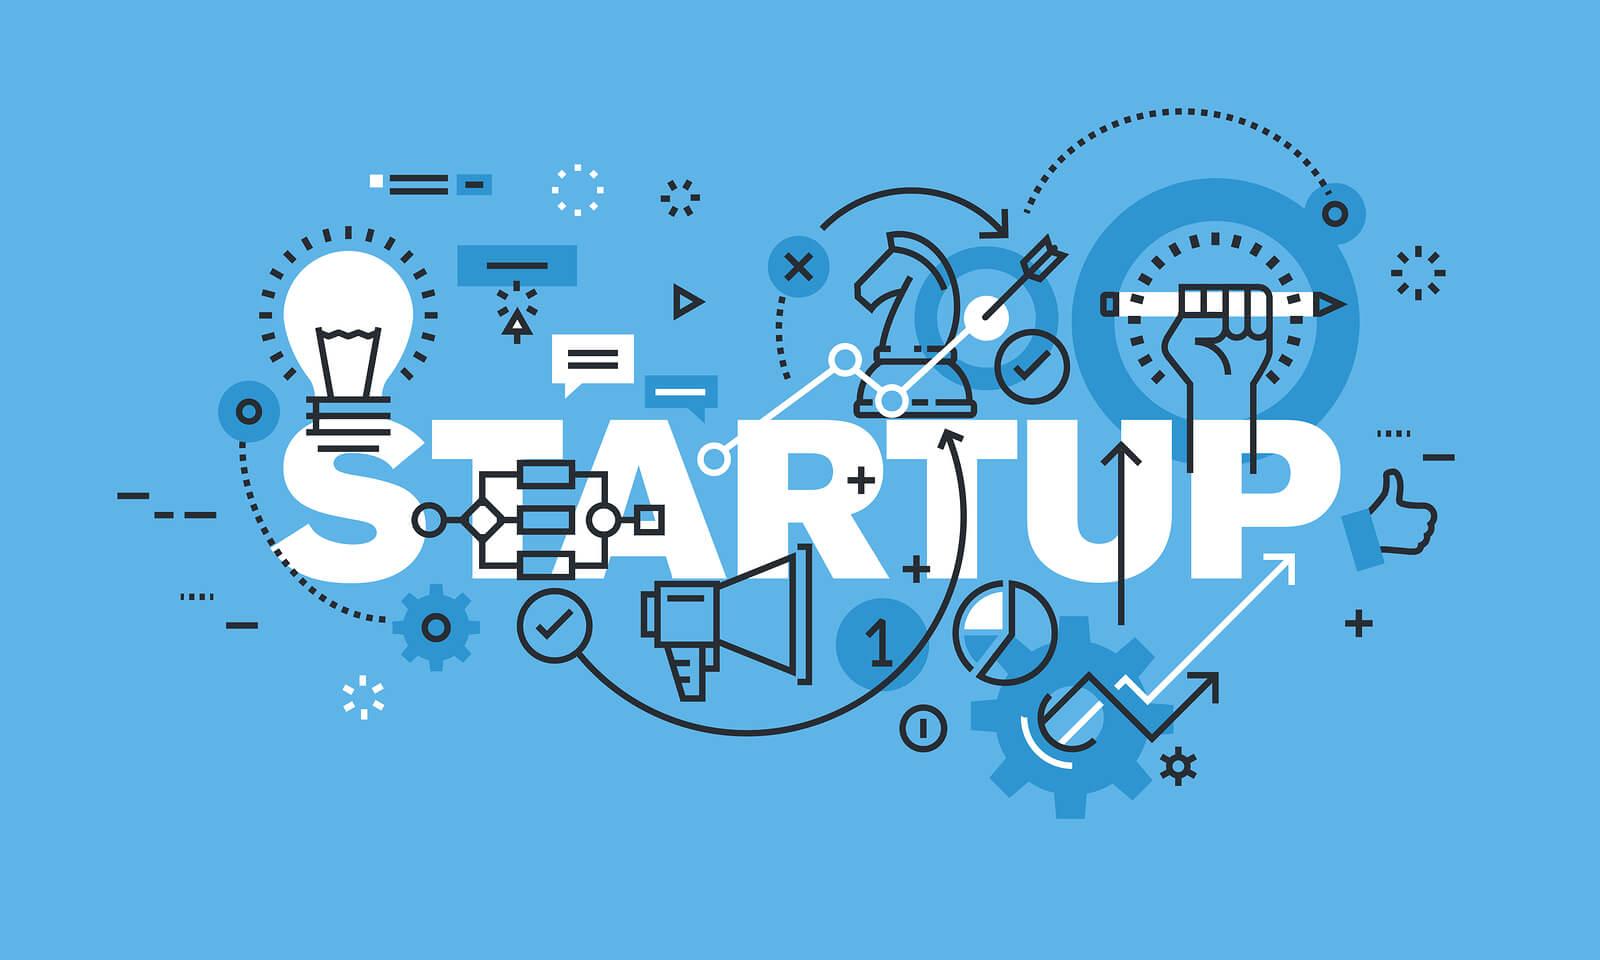 Pengertian Startup dan Sejarah Singkatnya - Mengulas Pengertian Startup Hingga Perkembangannya di Indonesia